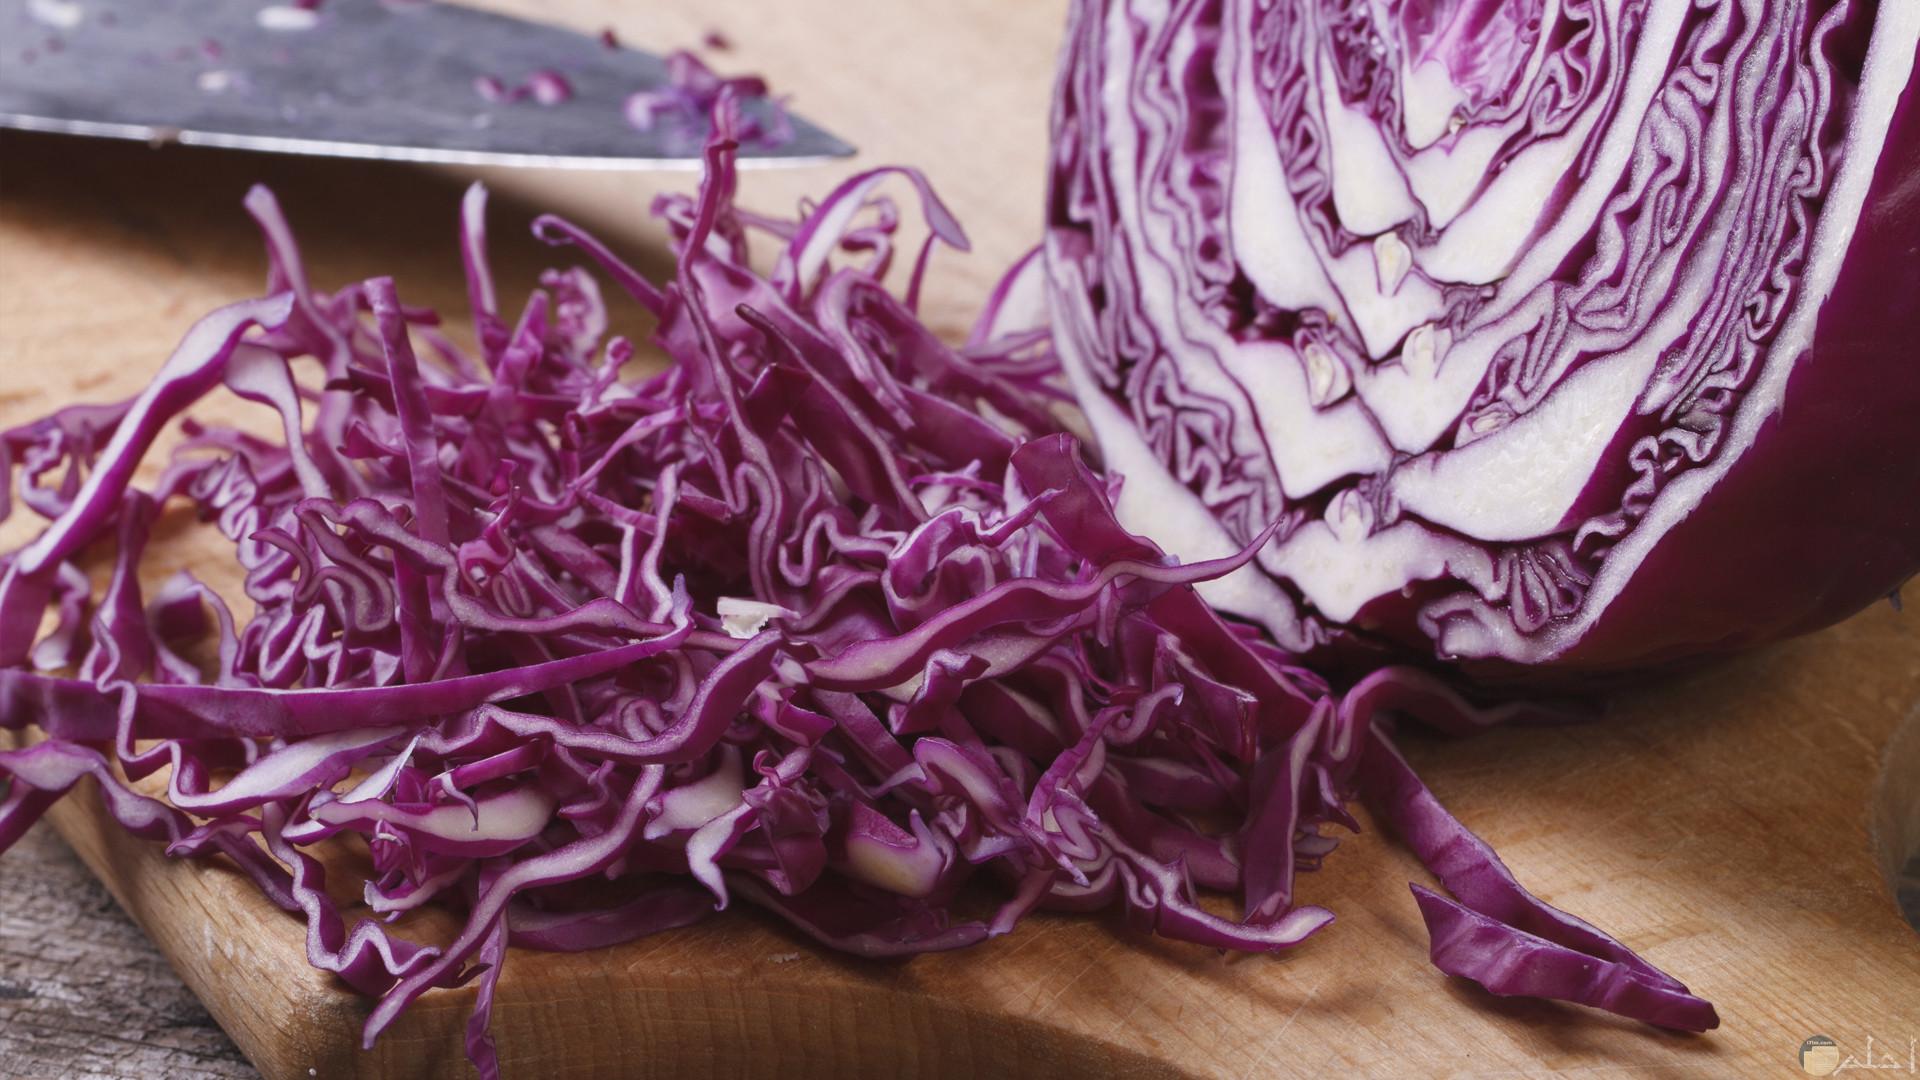 خضار الملفوف من الخضراوات الشتوية المفيدة واللذيذة وكثيرا ما يتم اضافته في الطعام لإعطائه طعم لذيذ